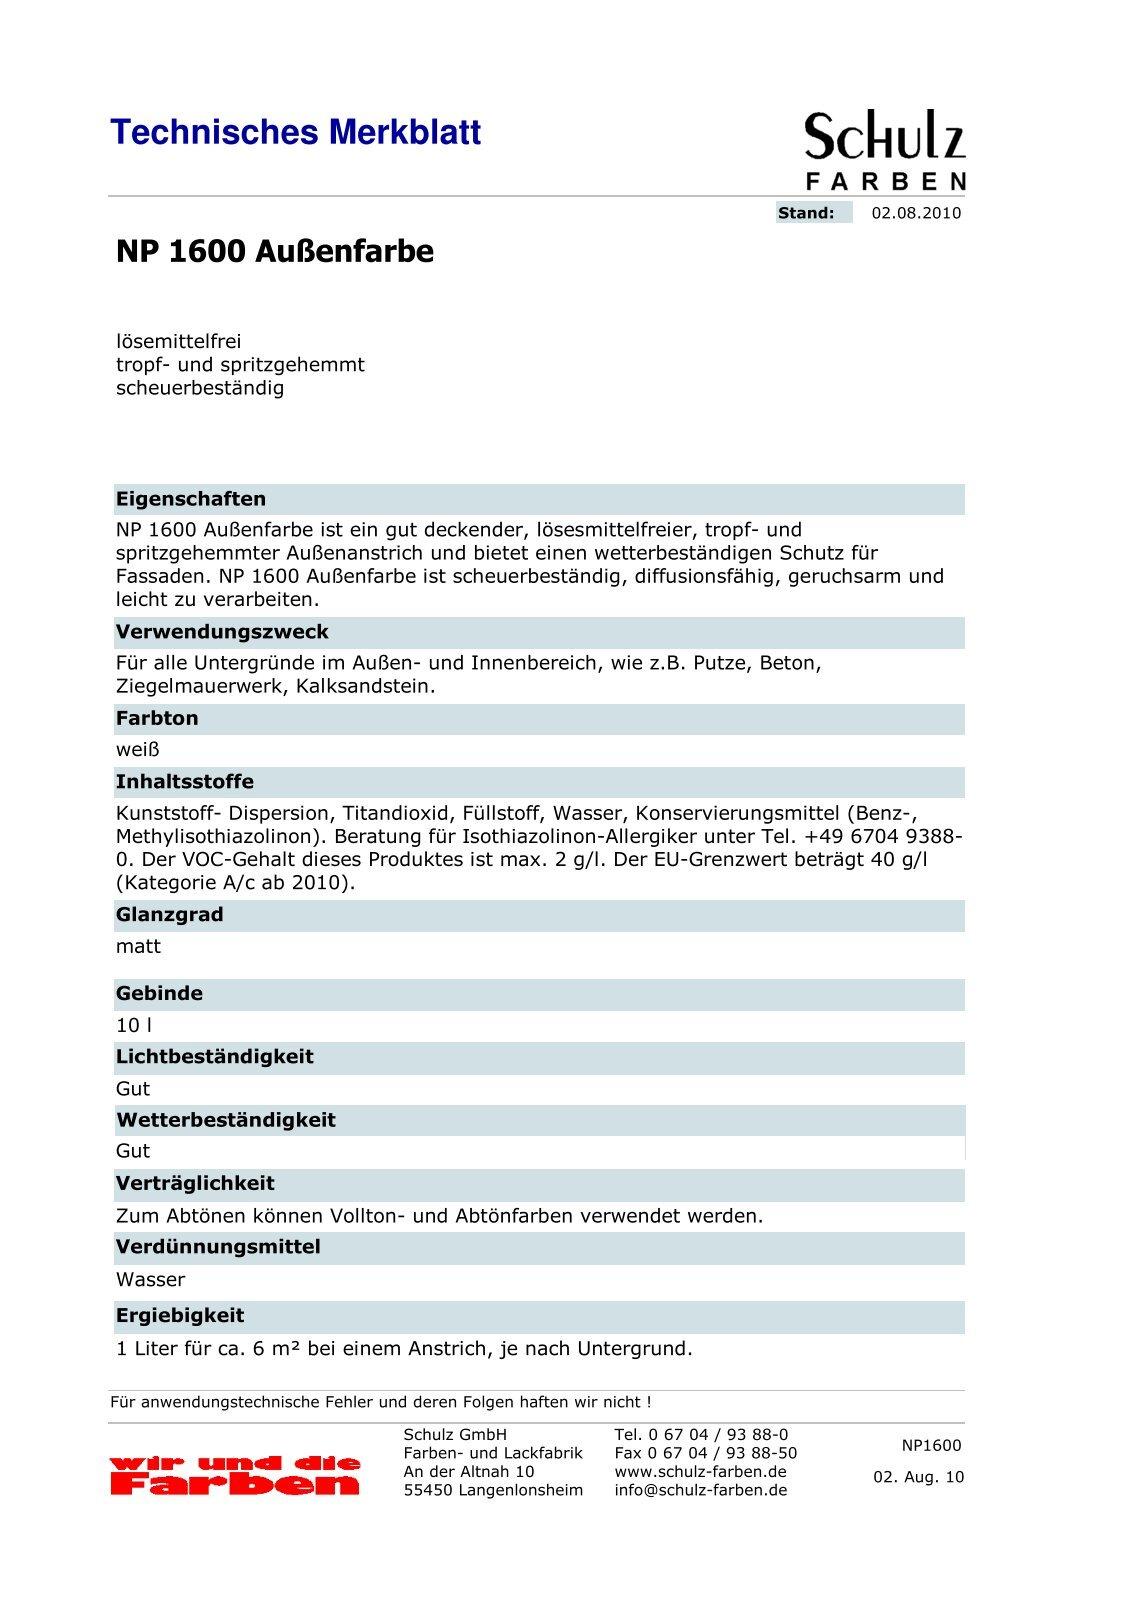 Groß Färbende Pages Bilder - Malvorlagen-Ideen - decentexposure.info